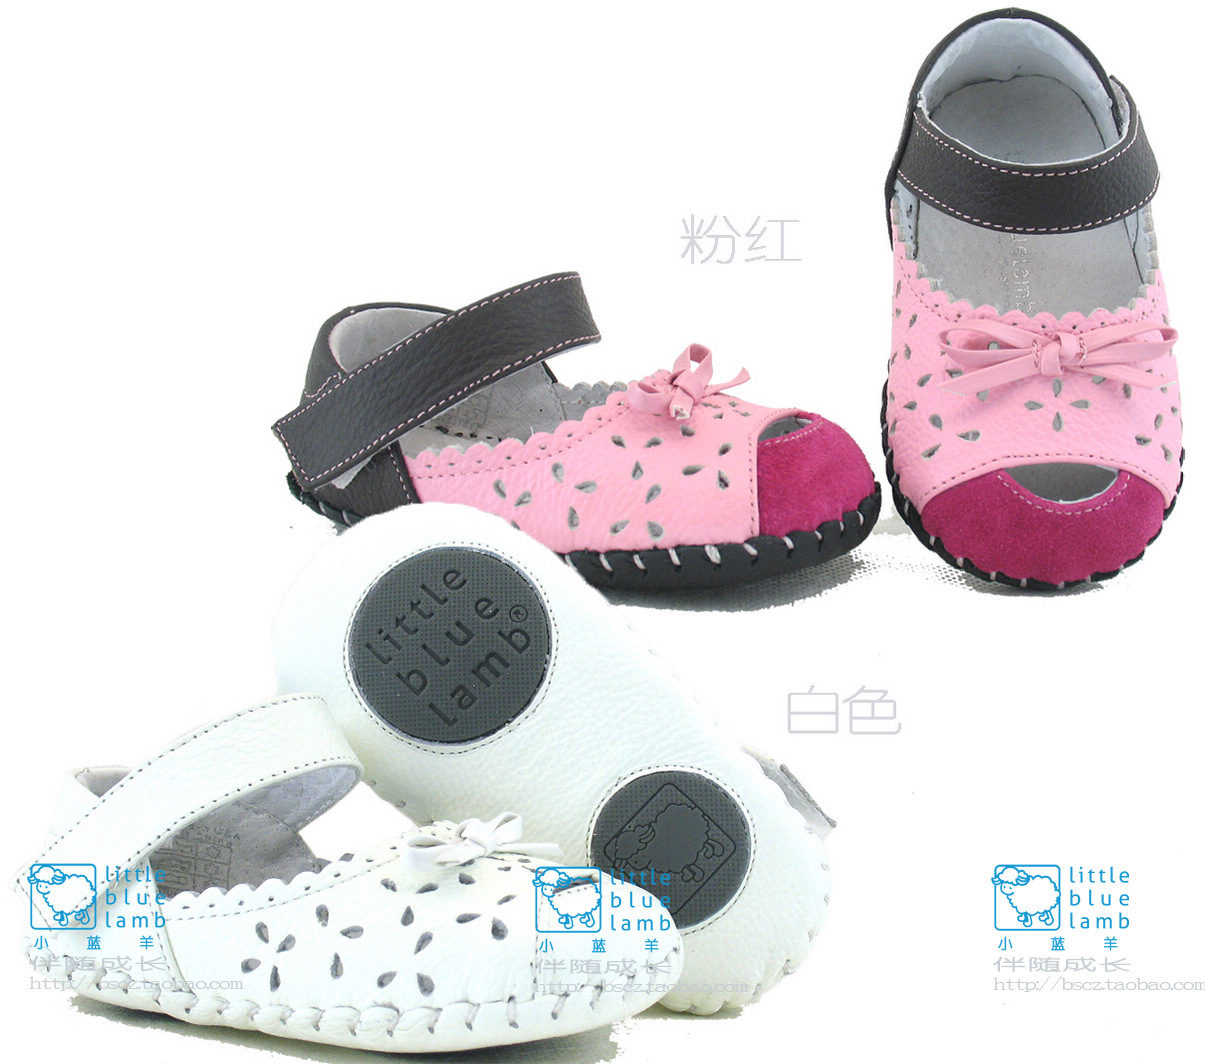 Детские ботинки с нескользящей подошвой Small blue sheep B31004 12 115-135 Девушки Кожа быка Резинка Лето